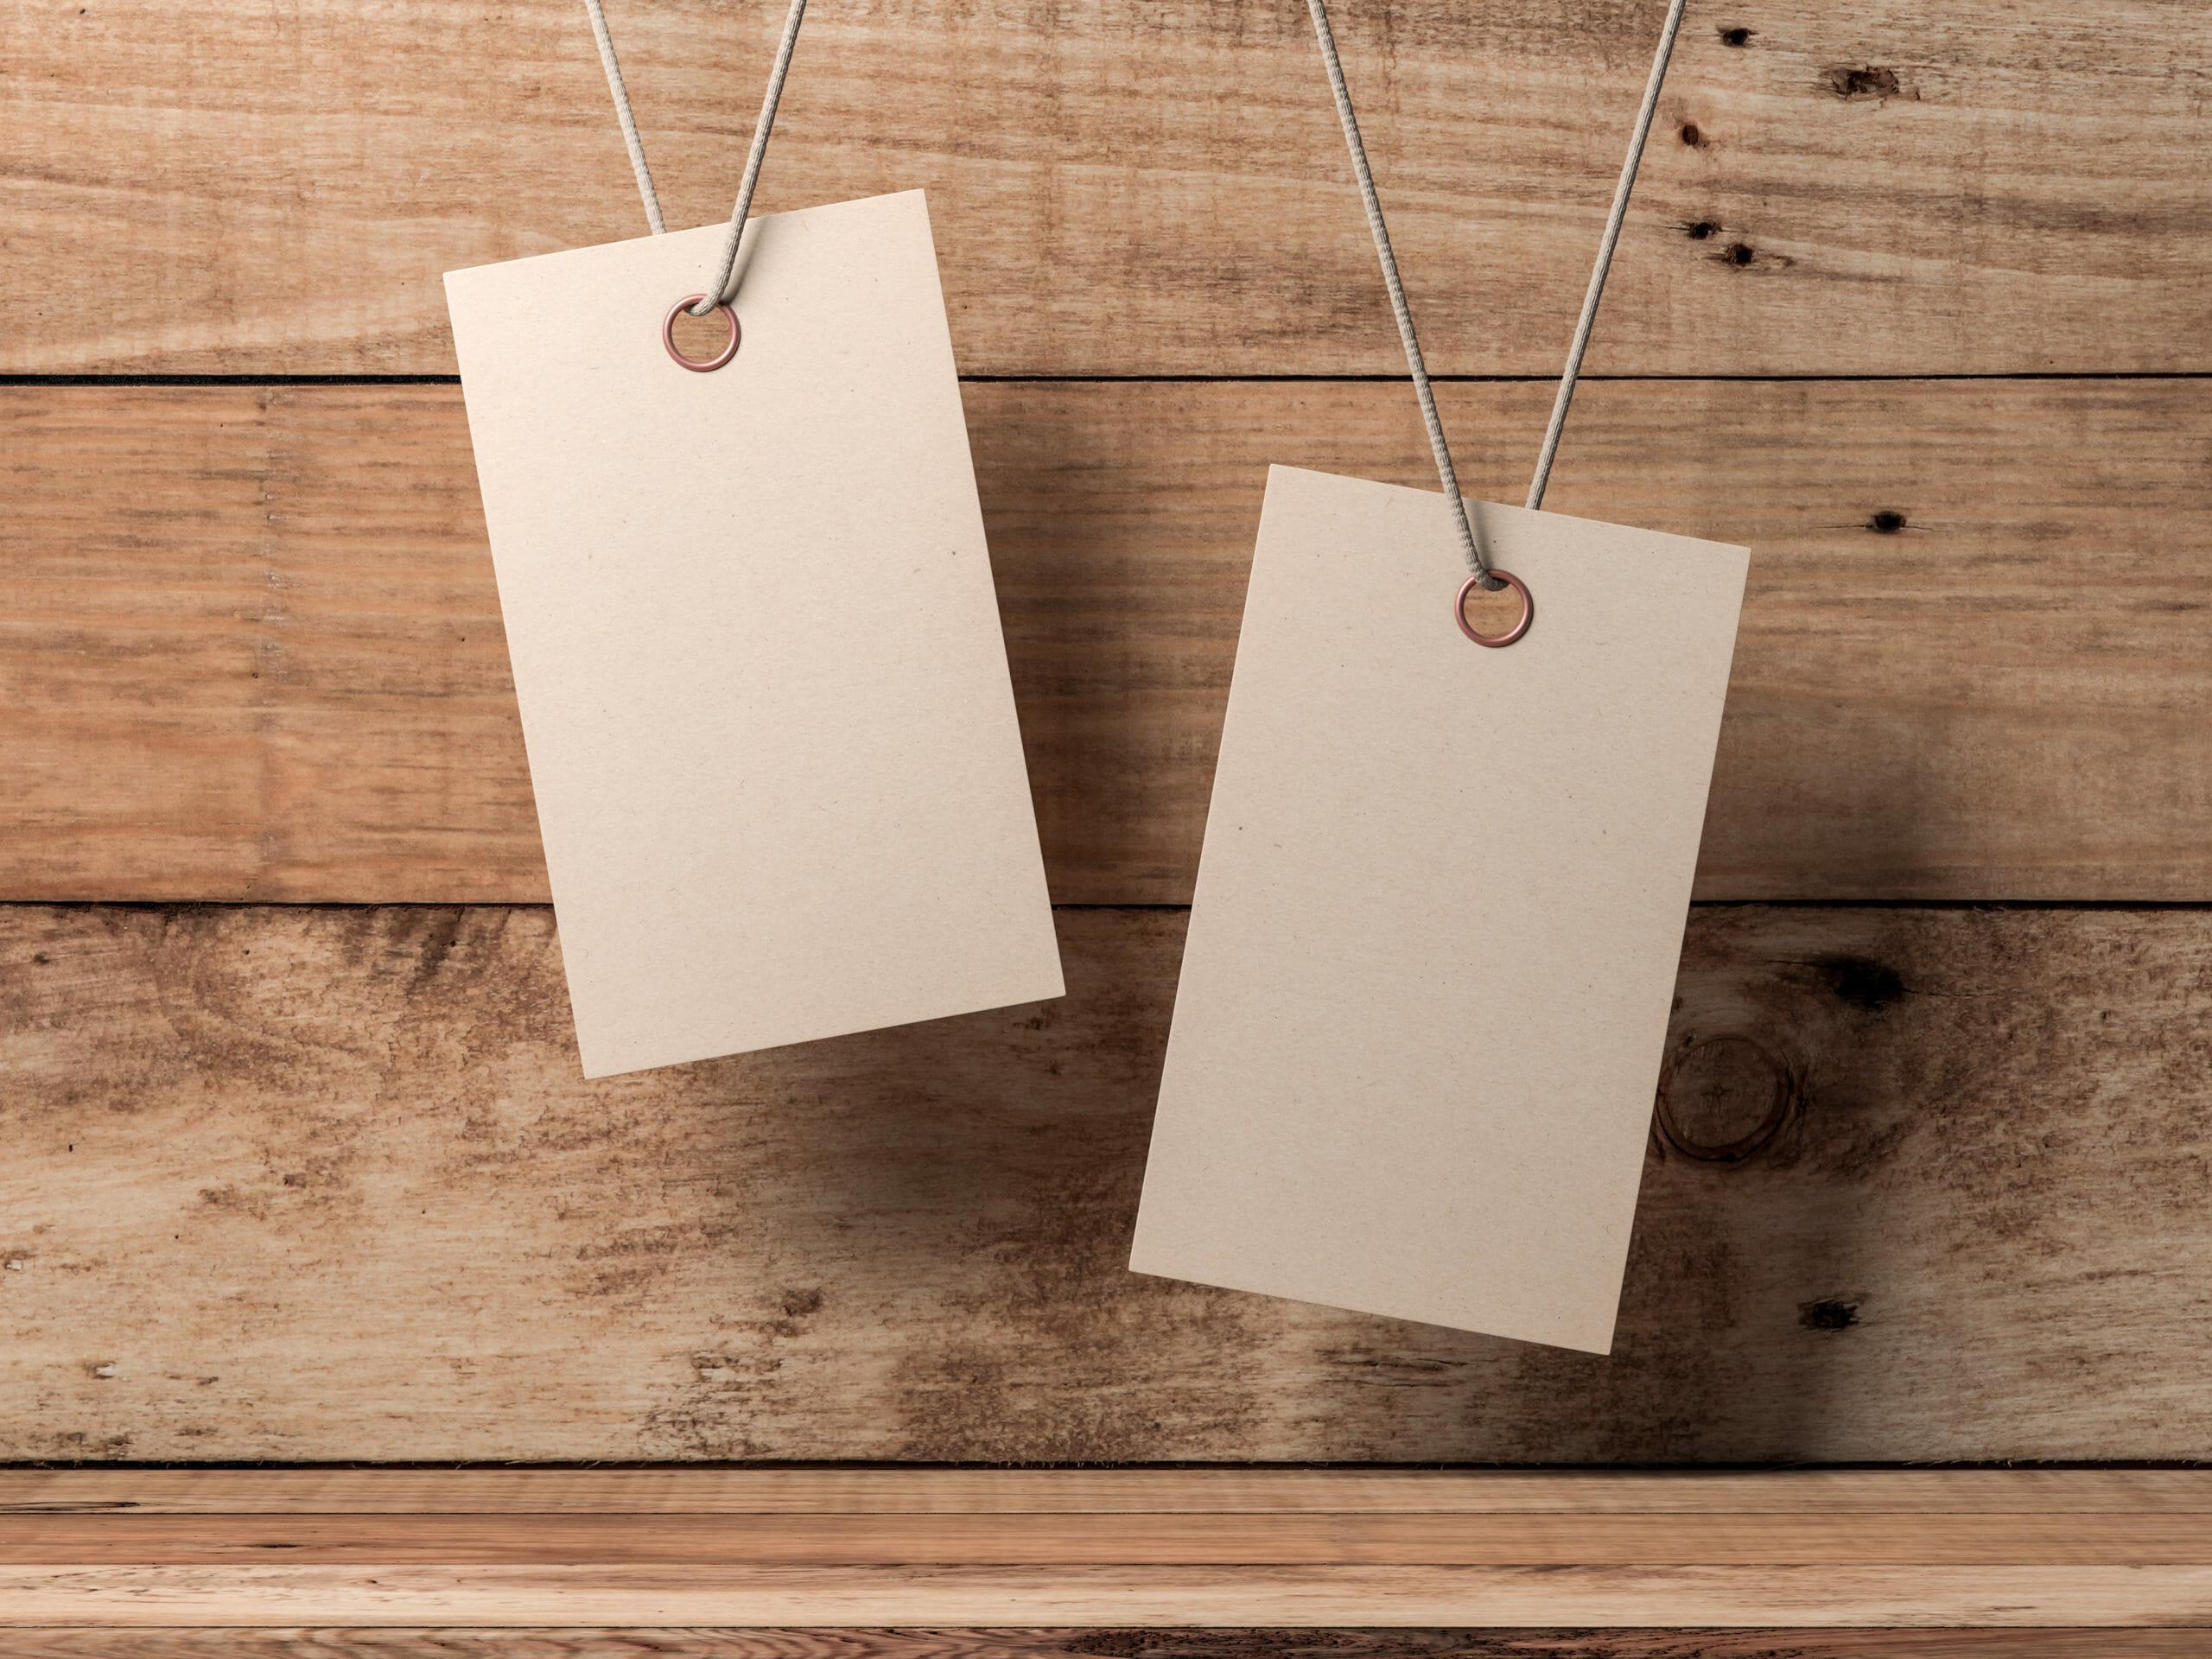 2クラフト紙タグのカスタマイズのプロセス制限